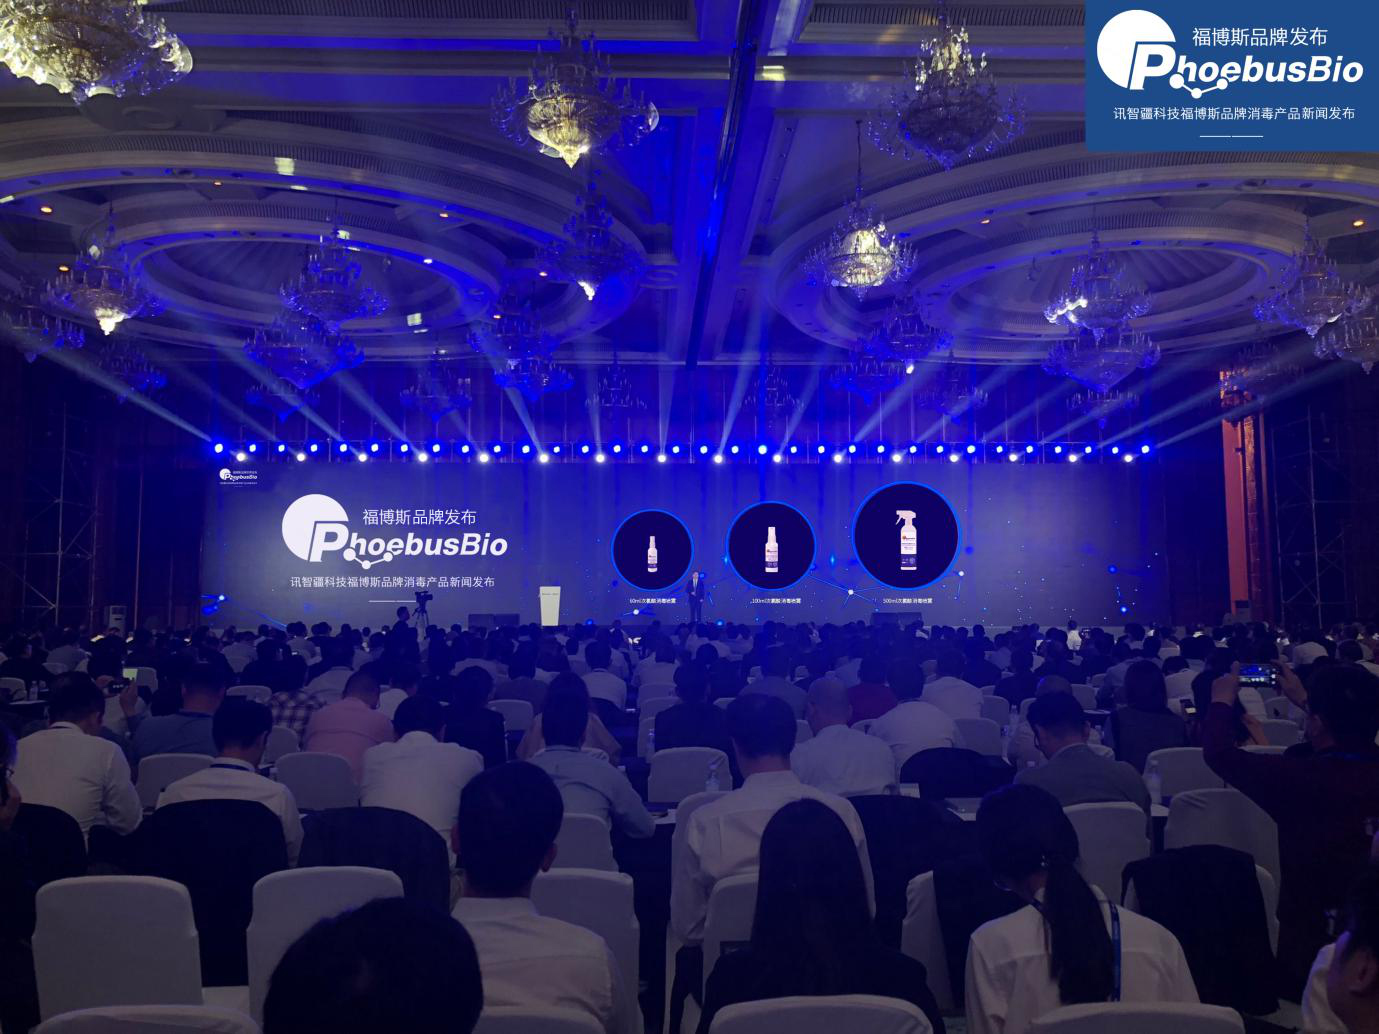 讯智疆科技于新疆尊茂银都酒店 成功召开福博斯品牌消毒液产品新闻发布会